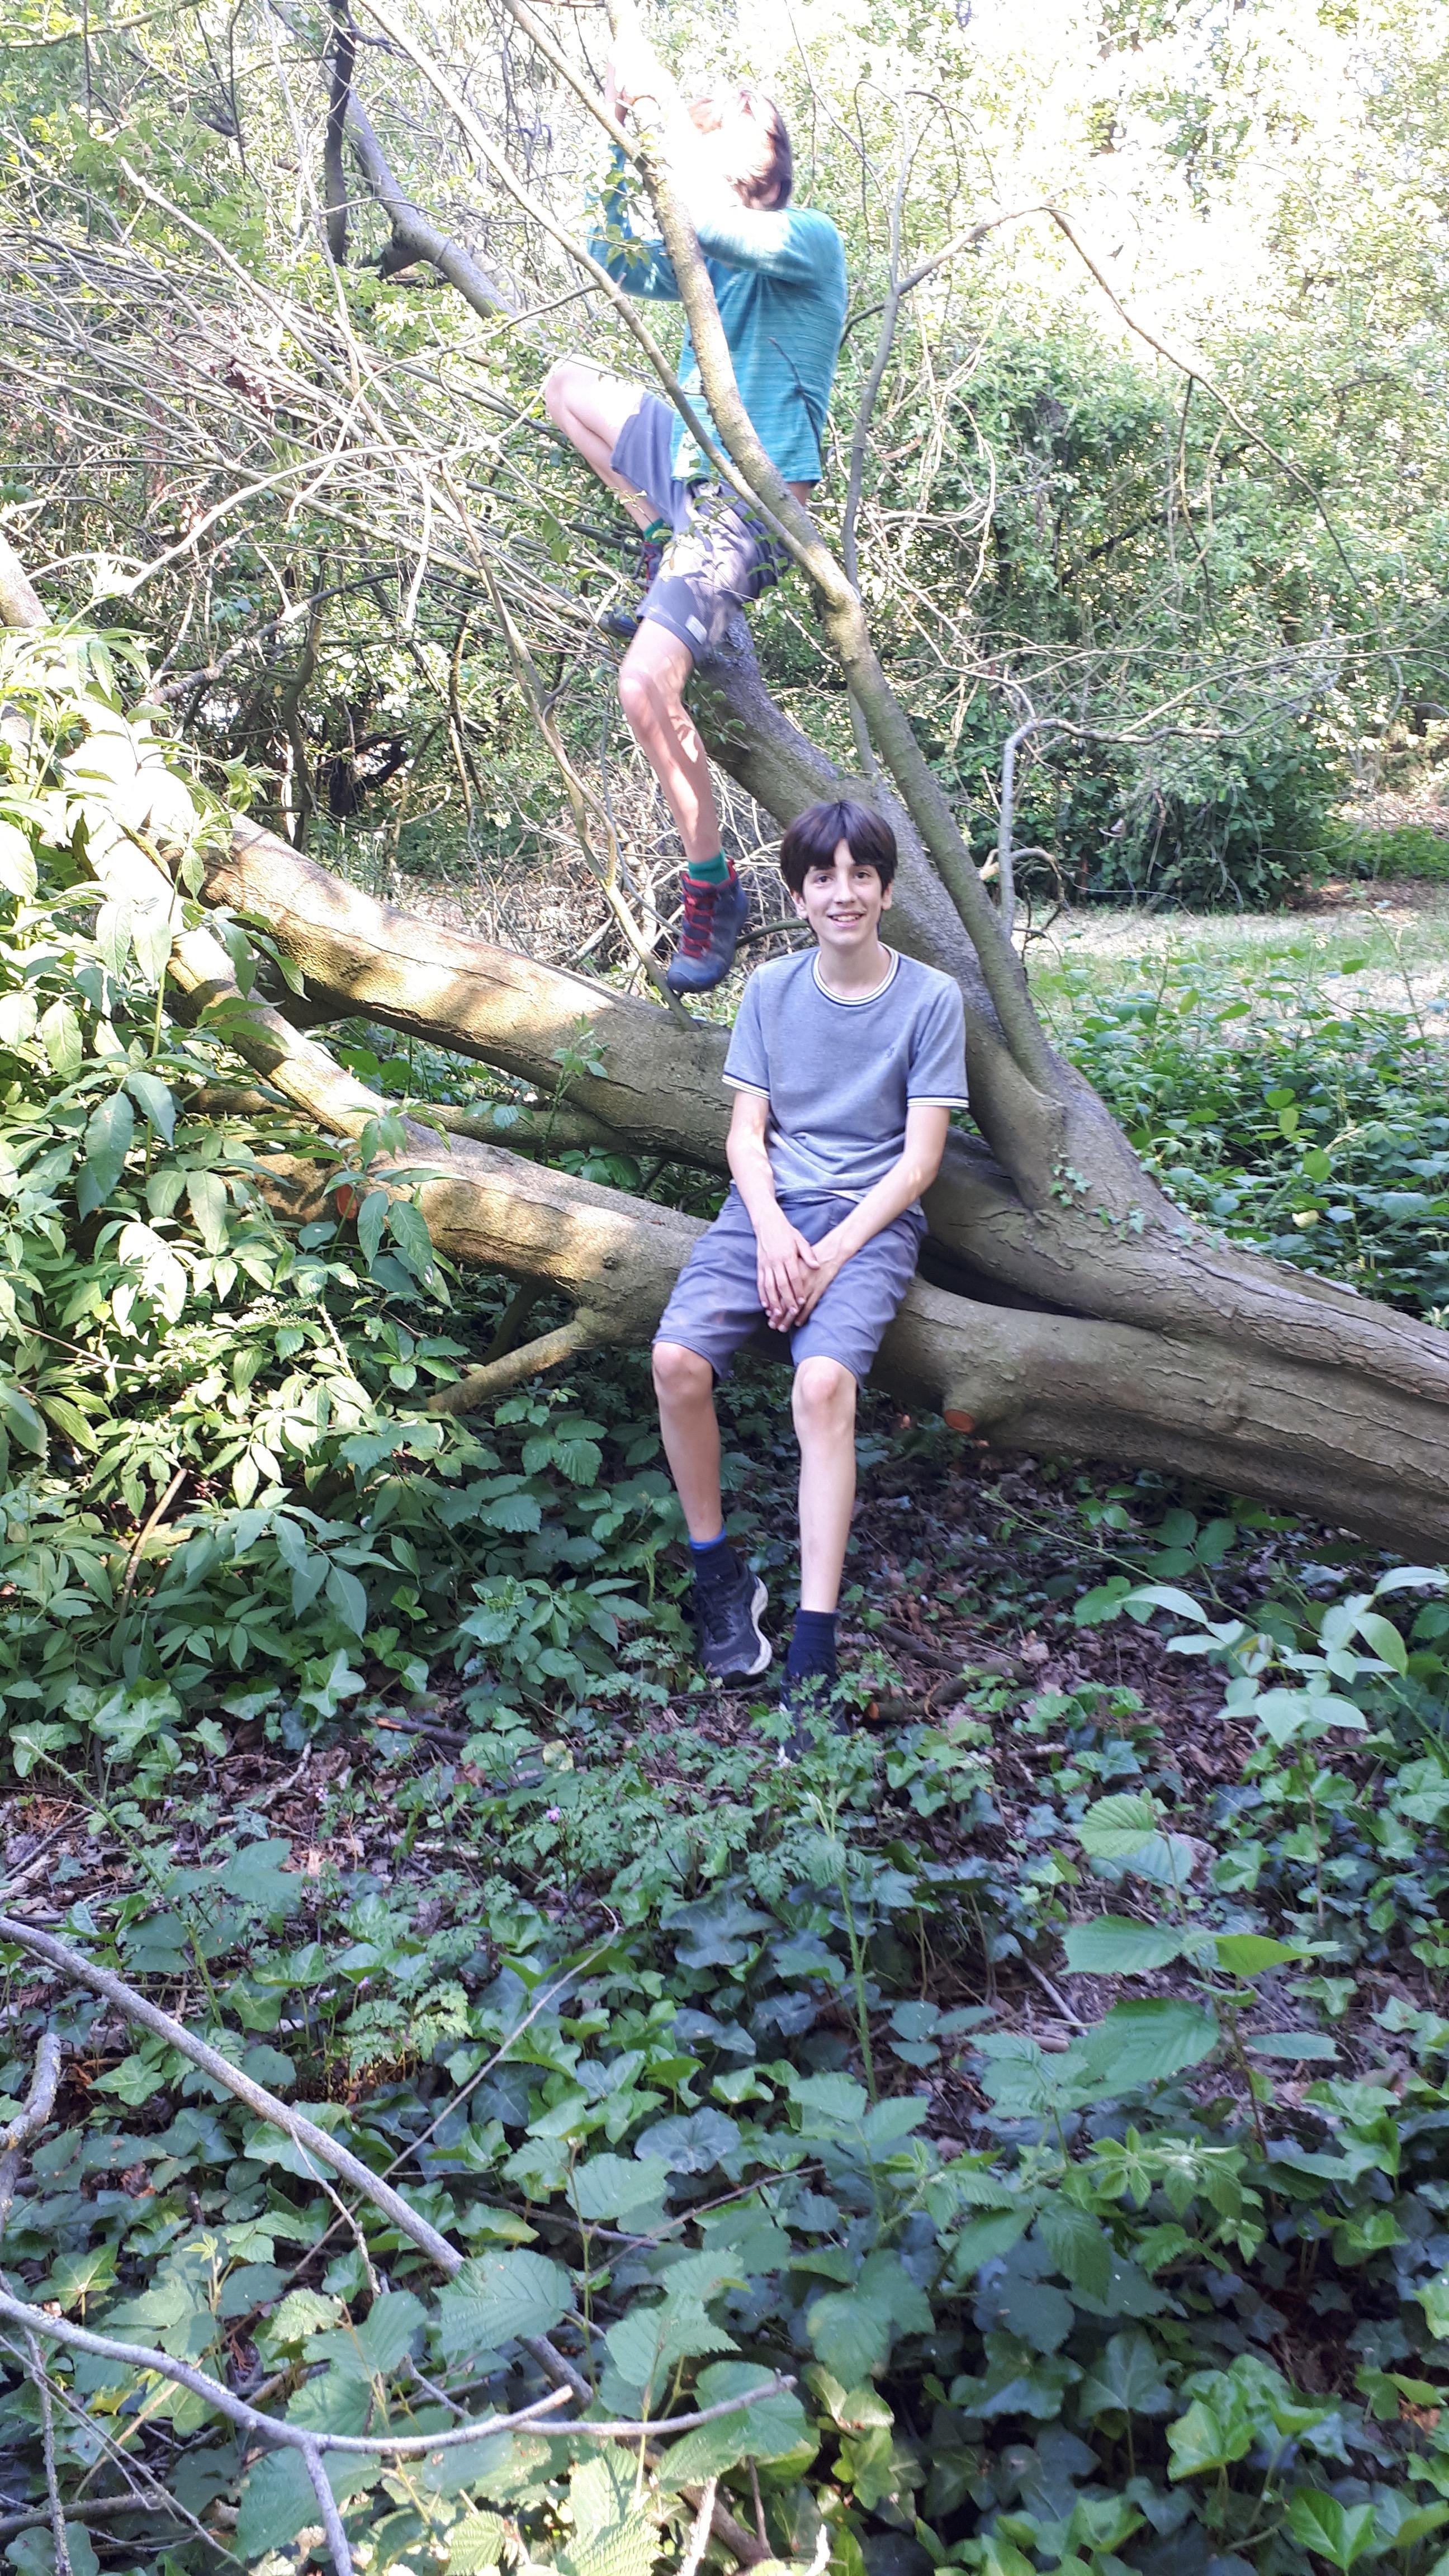 werd een klauterboom of zitplek